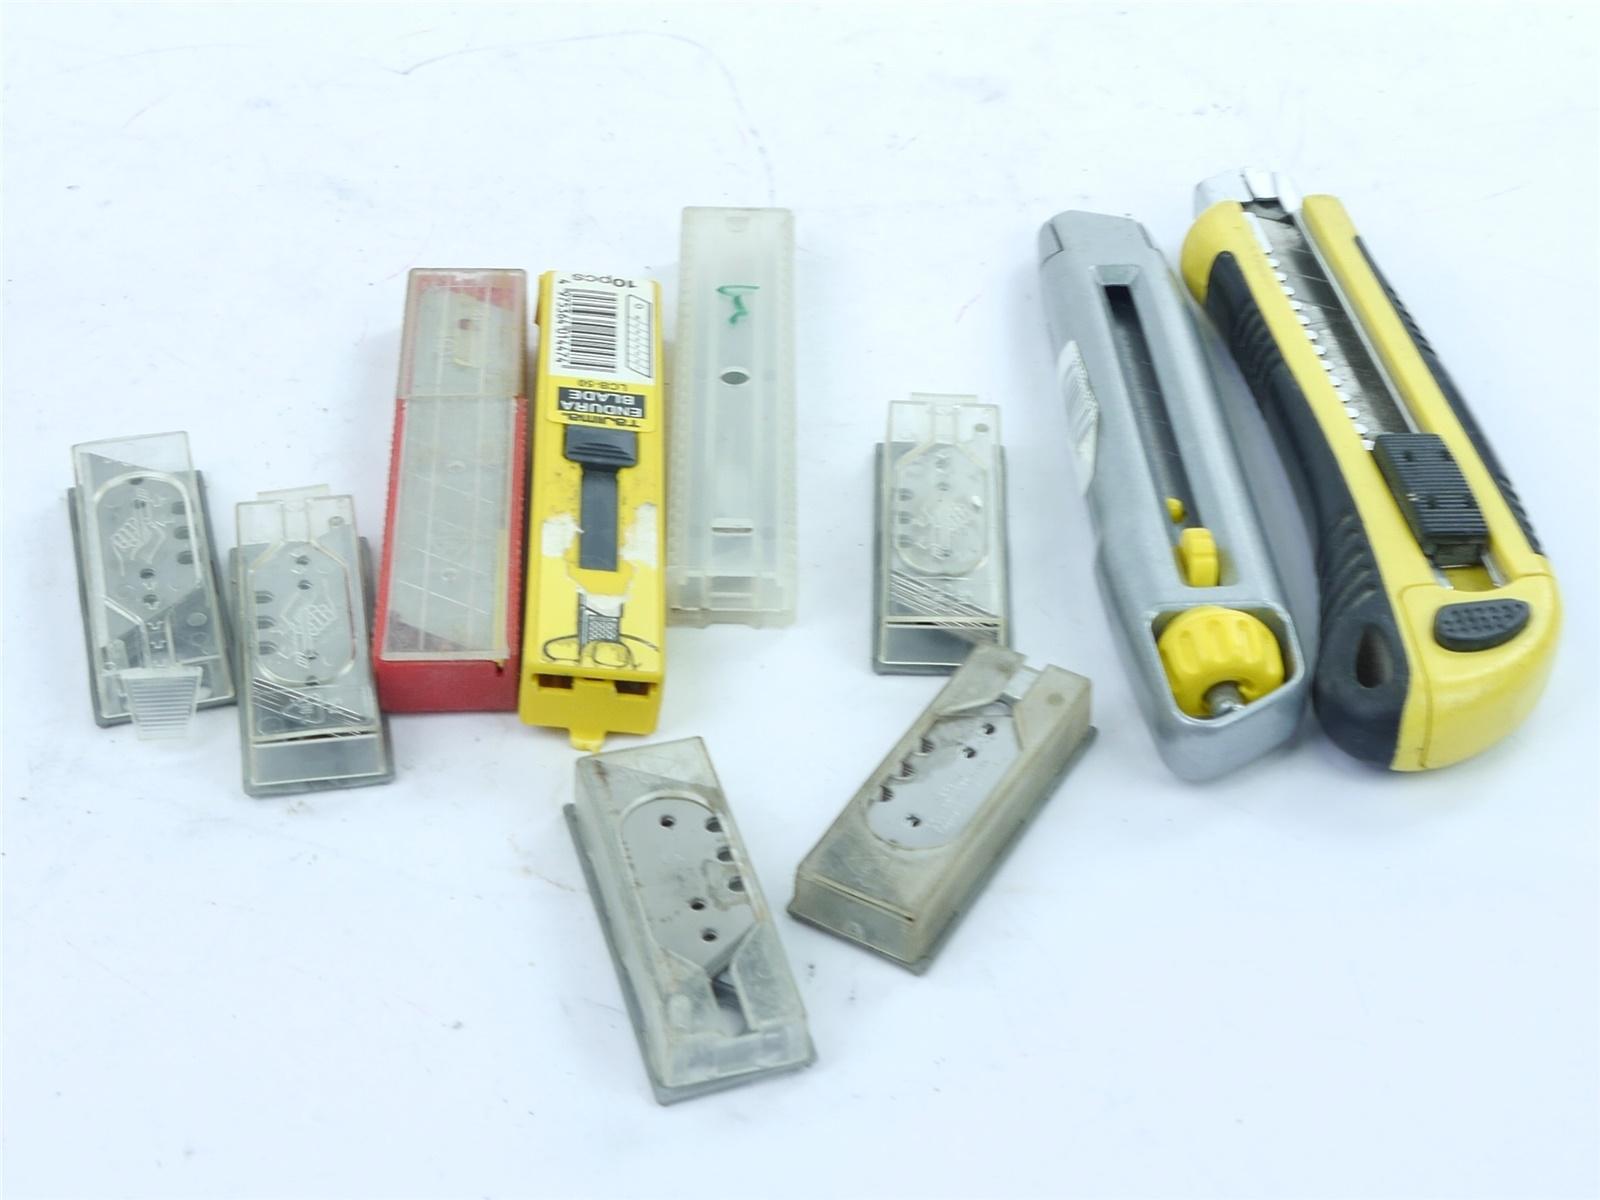 E122 Tajima u.a. - 2x Cuttermesser + 16x Abbrechklingen + 45x Trapezklingen